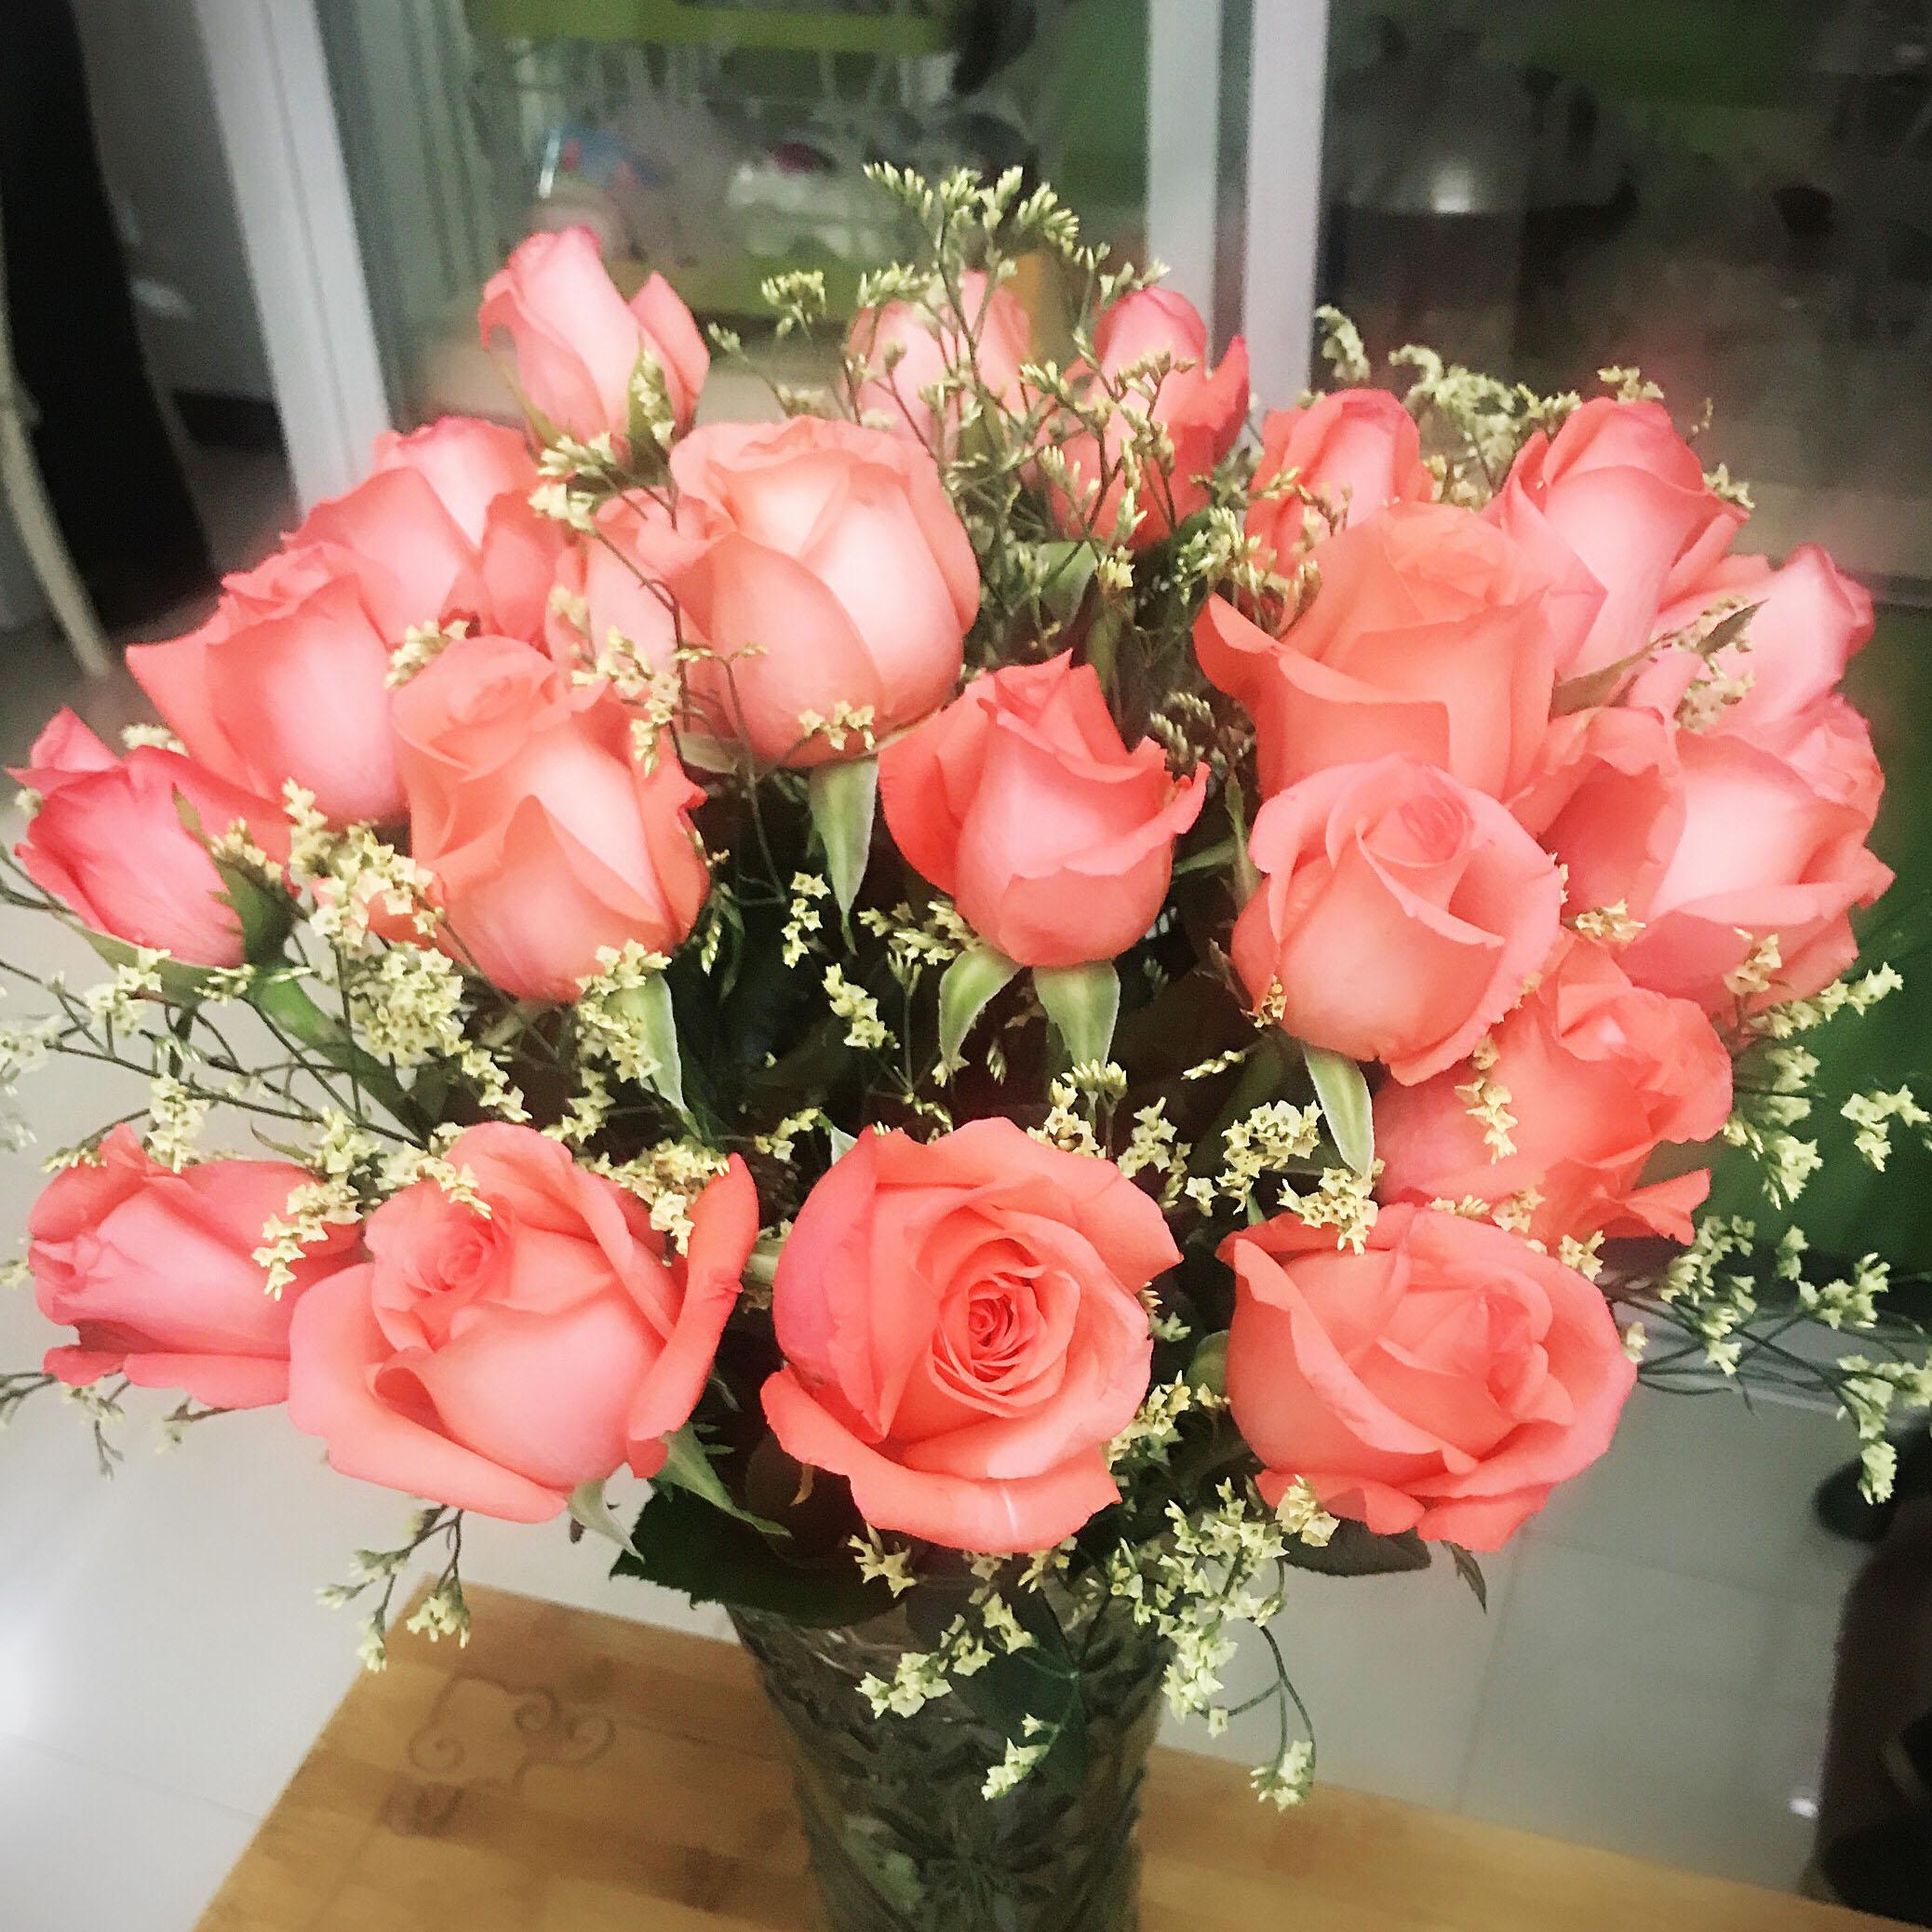 世界鲜花云南新鲜红玫瑰花束多色速递到家玫瑰结婚生日情人节礼物